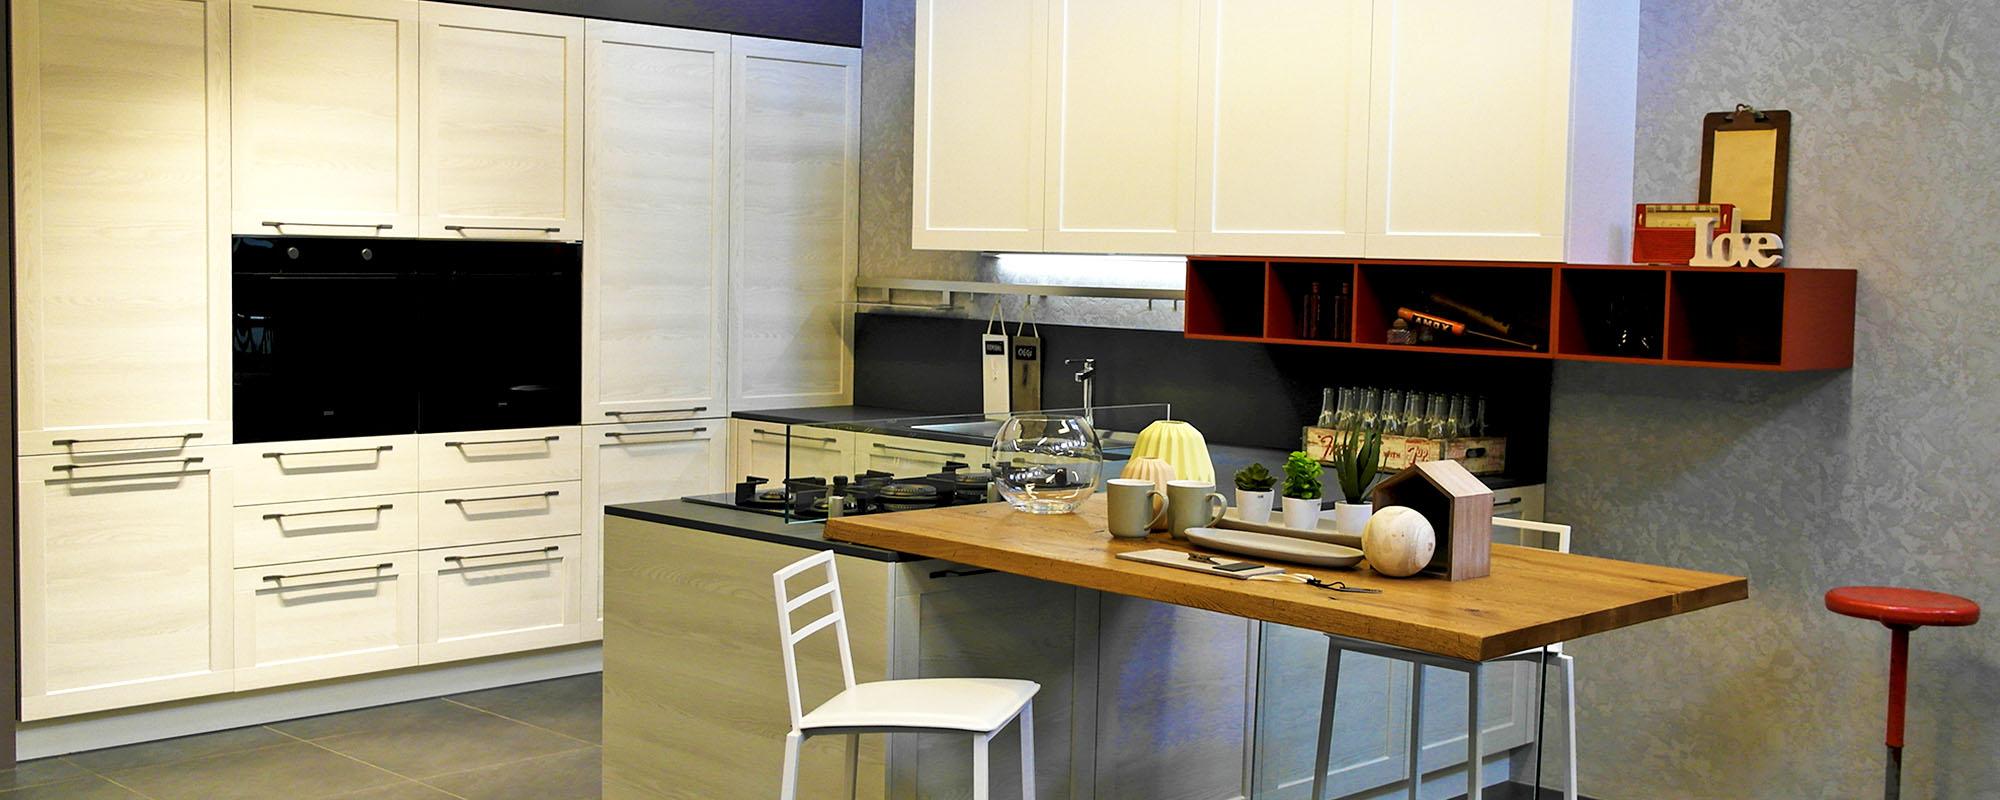 Cucine Componibili Cucina.Trova Le Migliori Soluzioni Di Cucine Componibili A Padova